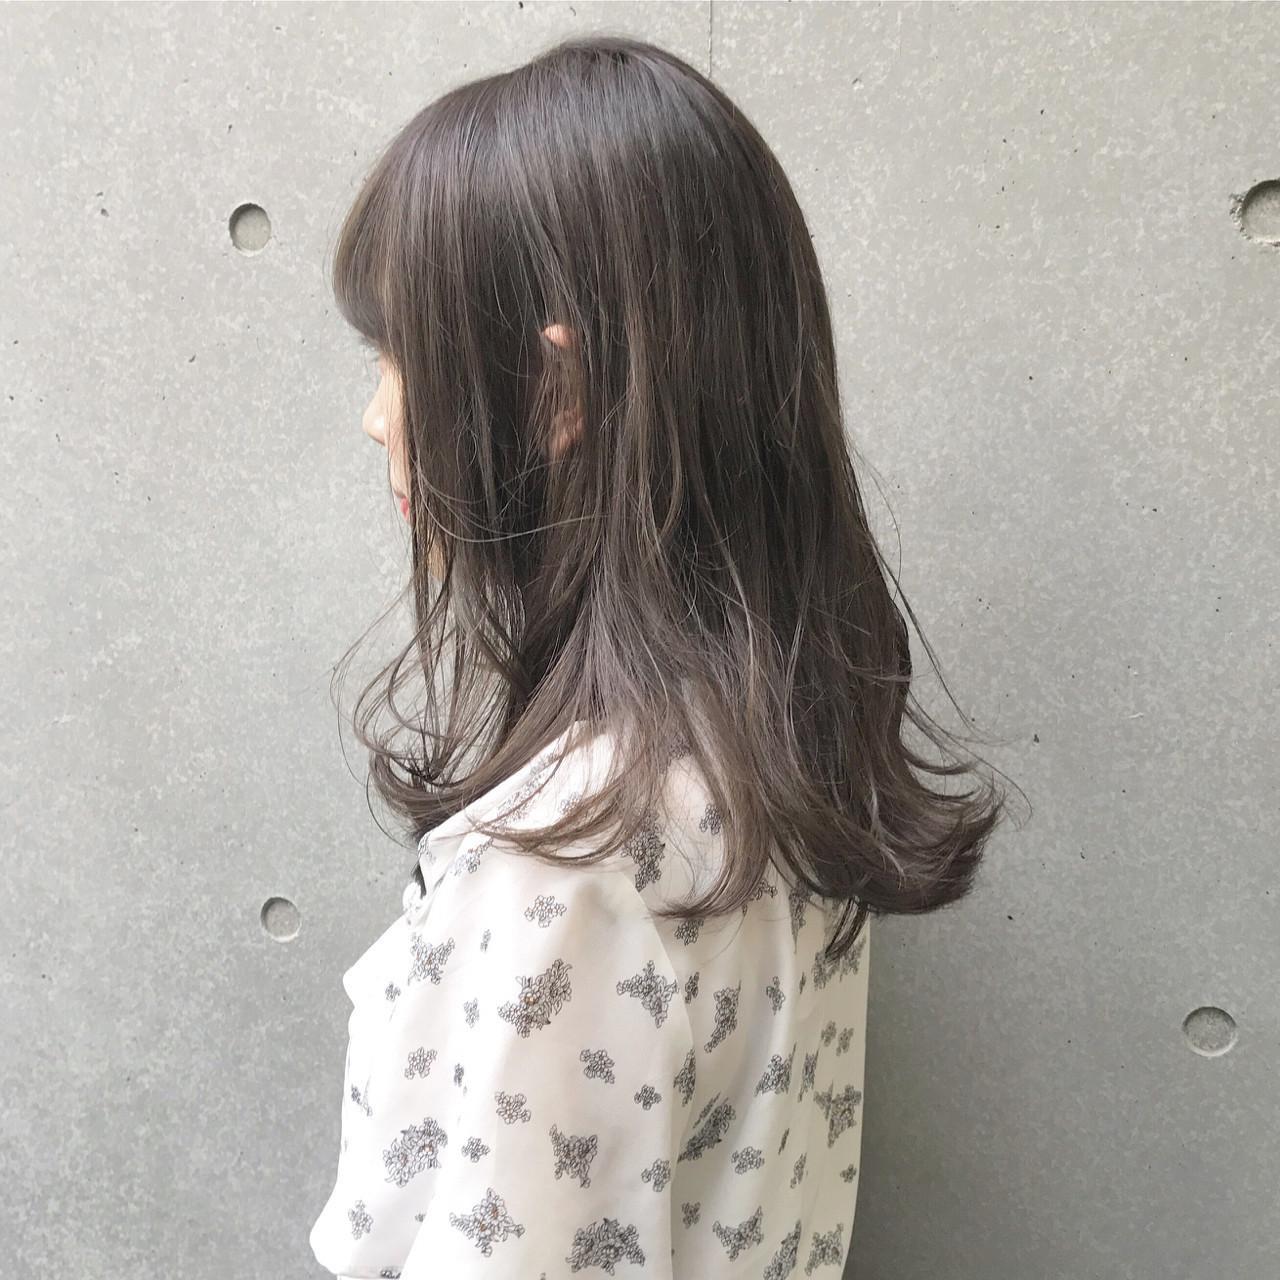 髪のパサつきの原因は?ケア方法を覚えてサラサラヘアを目指そうの7枚目の画像